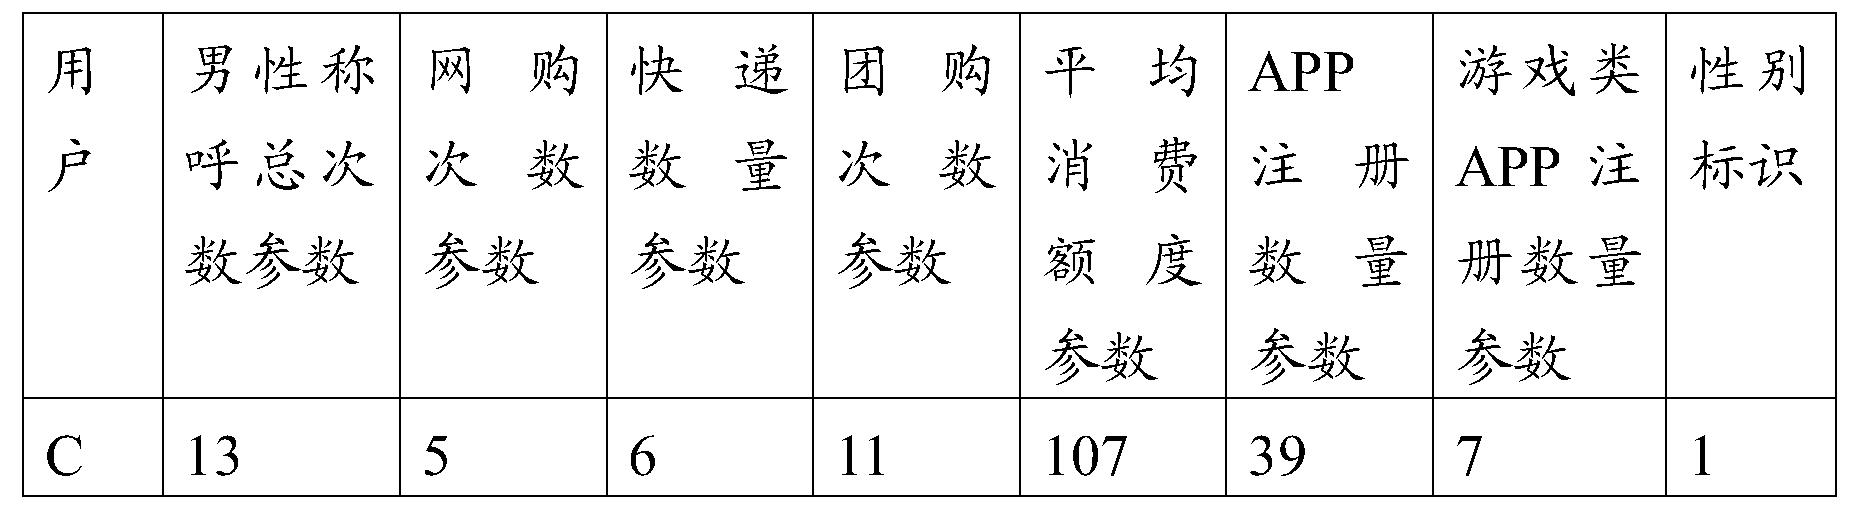 Figure PCTCN2016087528-appb-000005